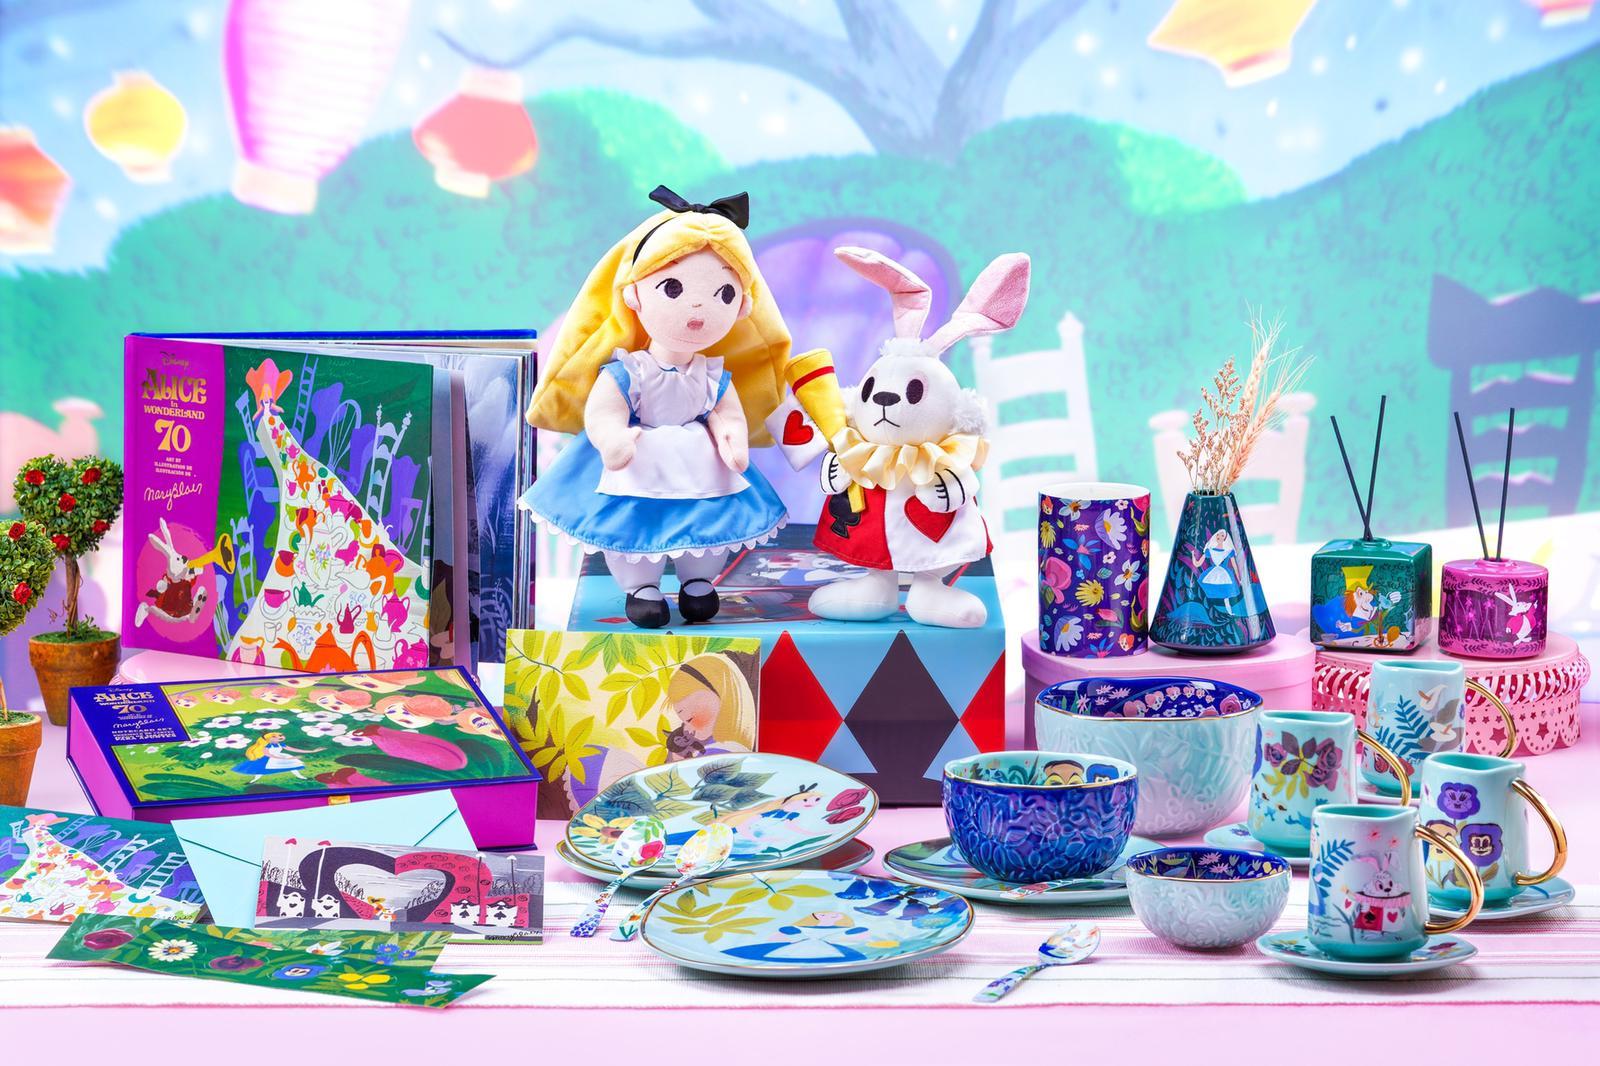 重溫奇妙夢境世界 迪士尼推《愛麗絲夢遊仙境》70周年紀念商品